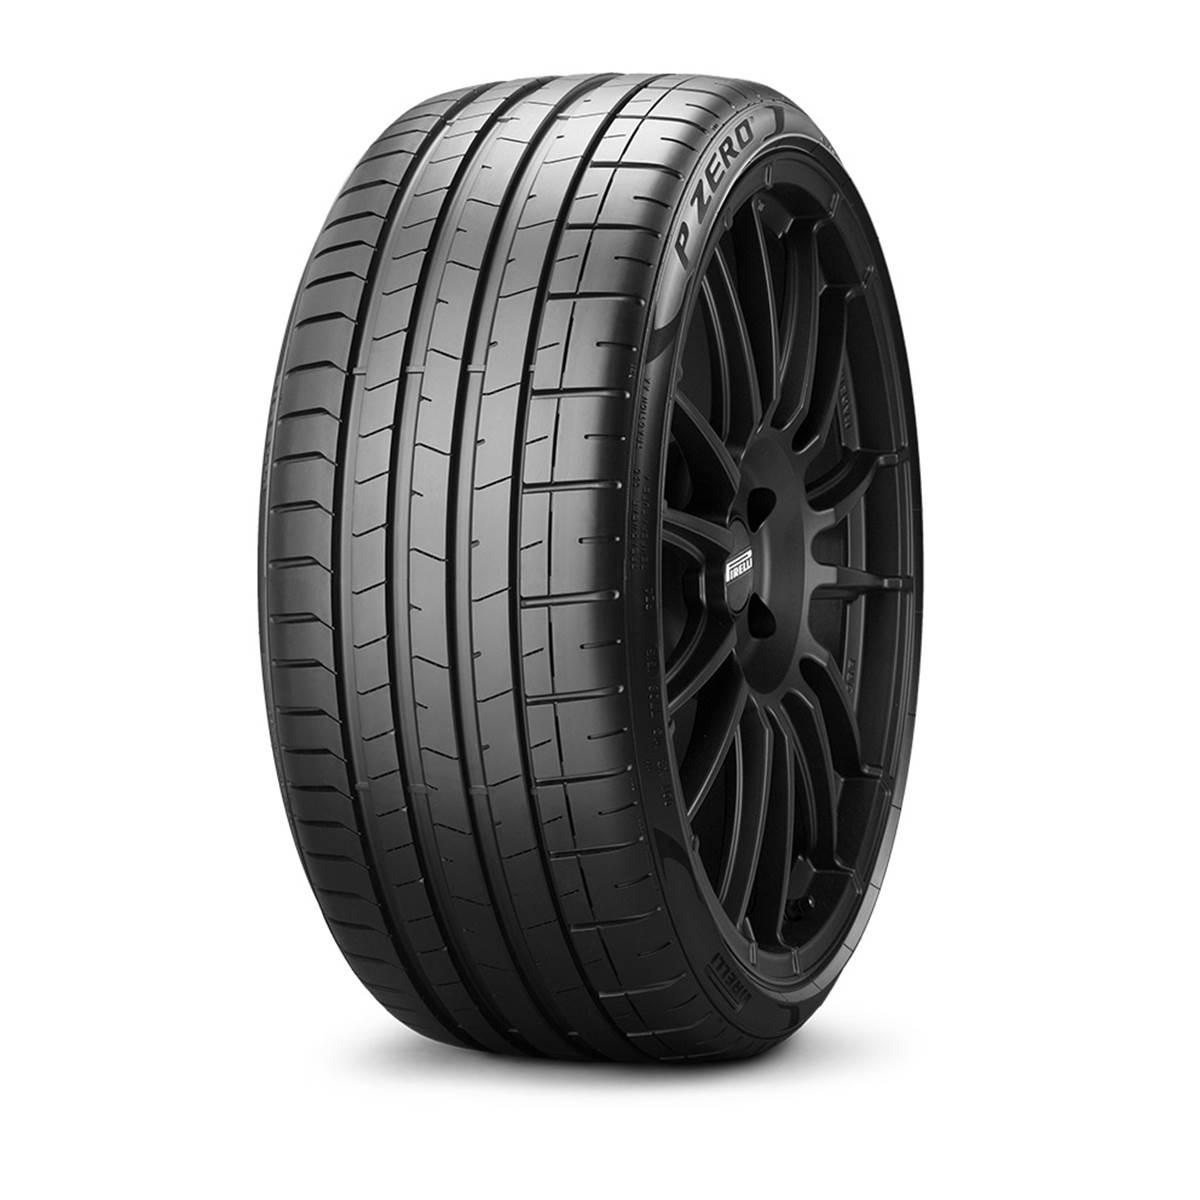 Pneu Pirelli 245/30R19 89Y Pzero XL